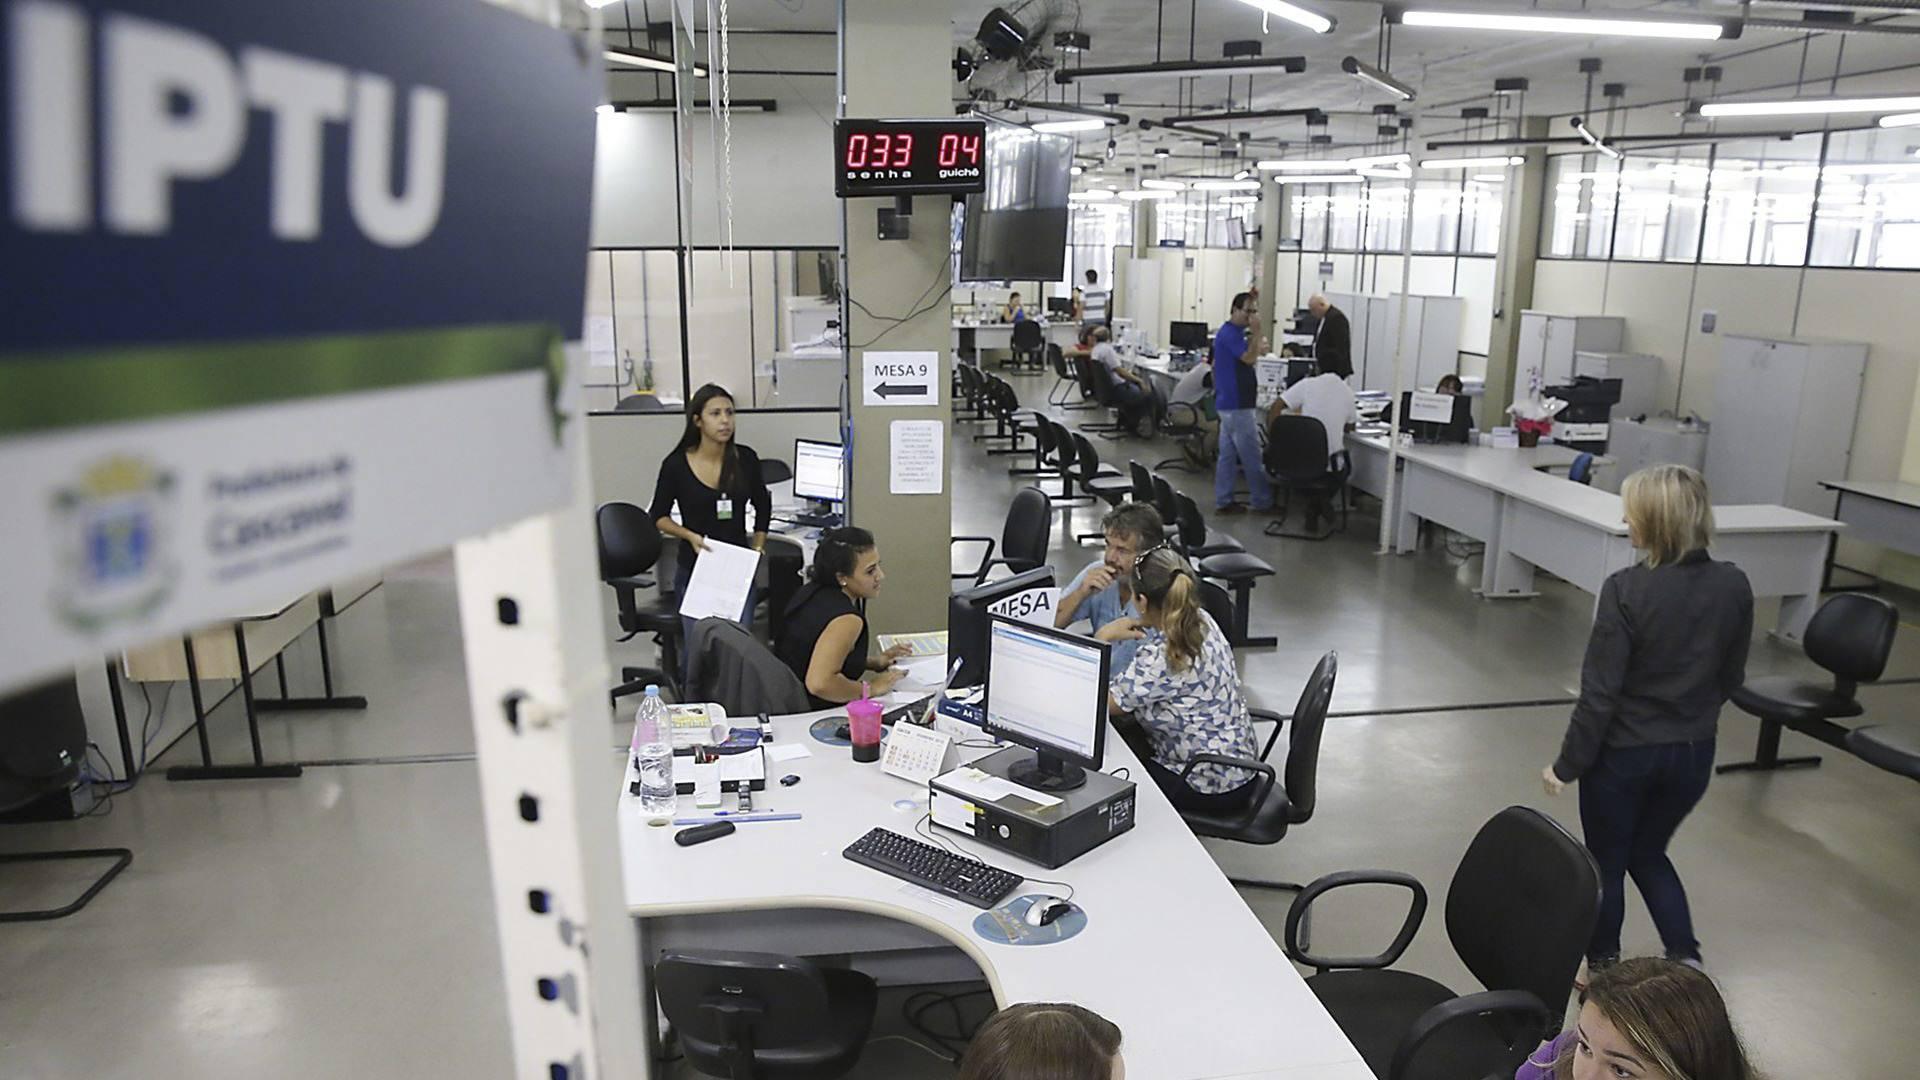 Vereador pede à Prefeitura que prorrogue o desconto de 10% no IPTU